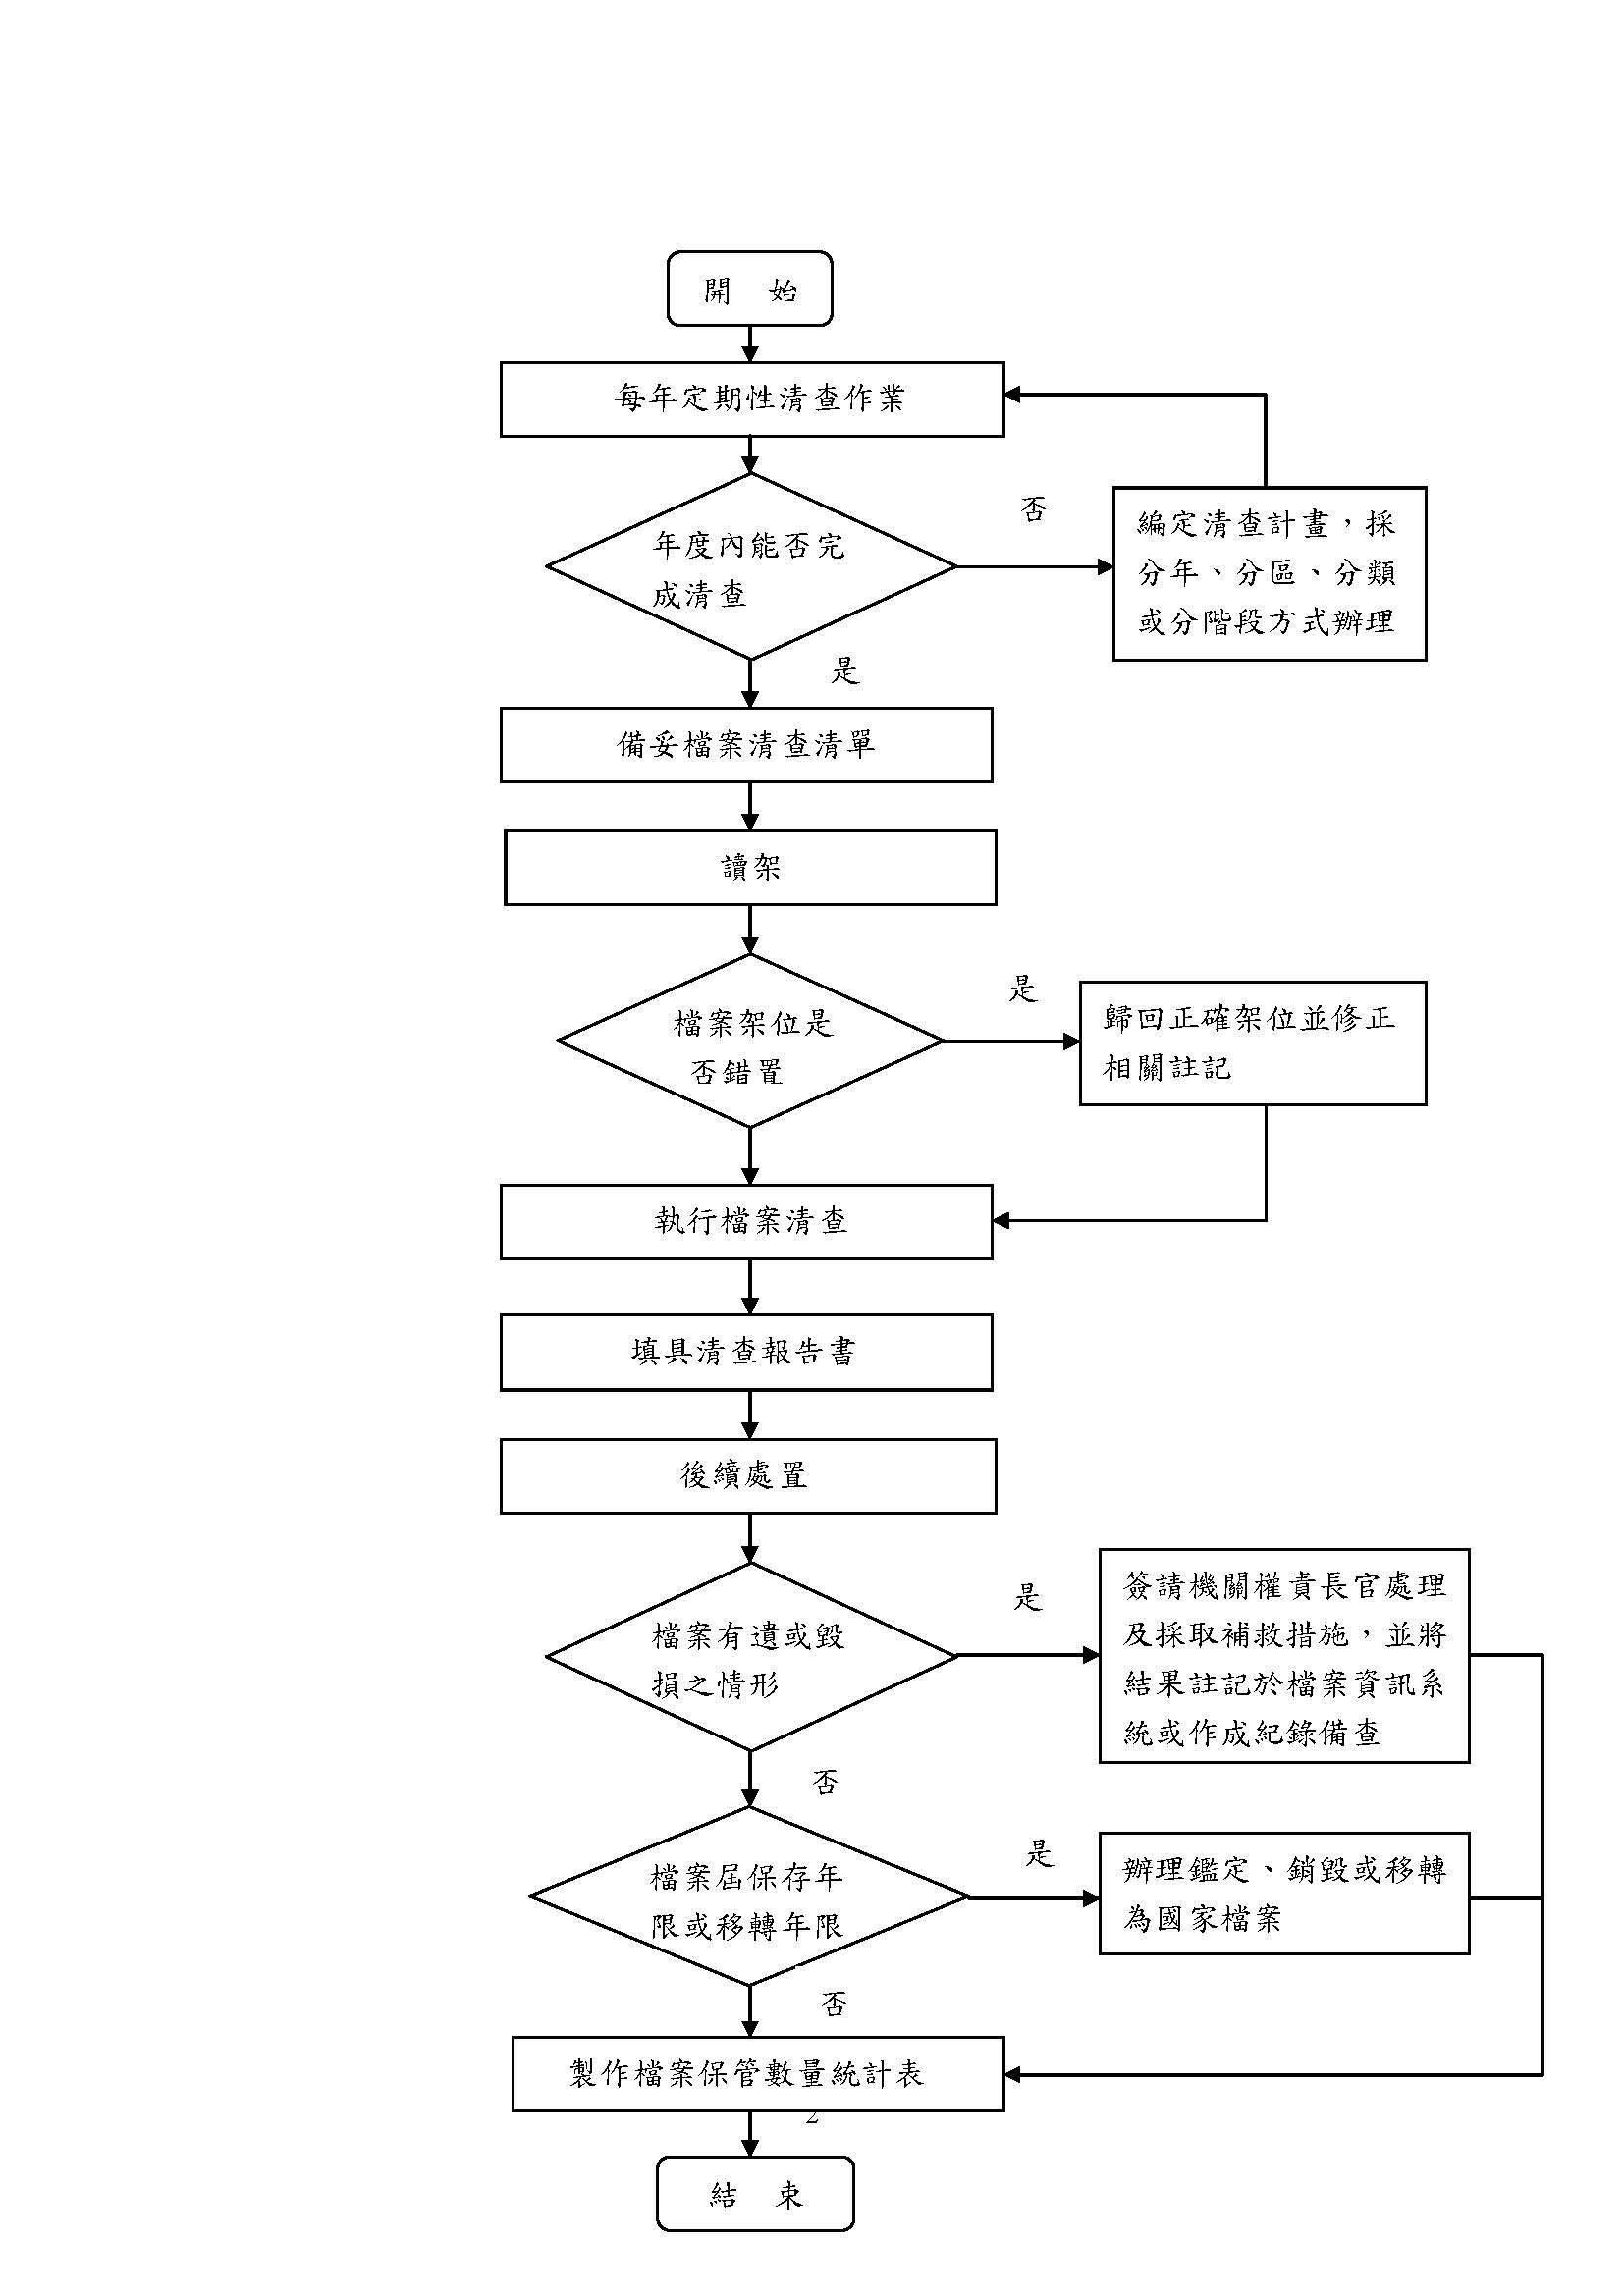 圖1 檔案清查作業流程